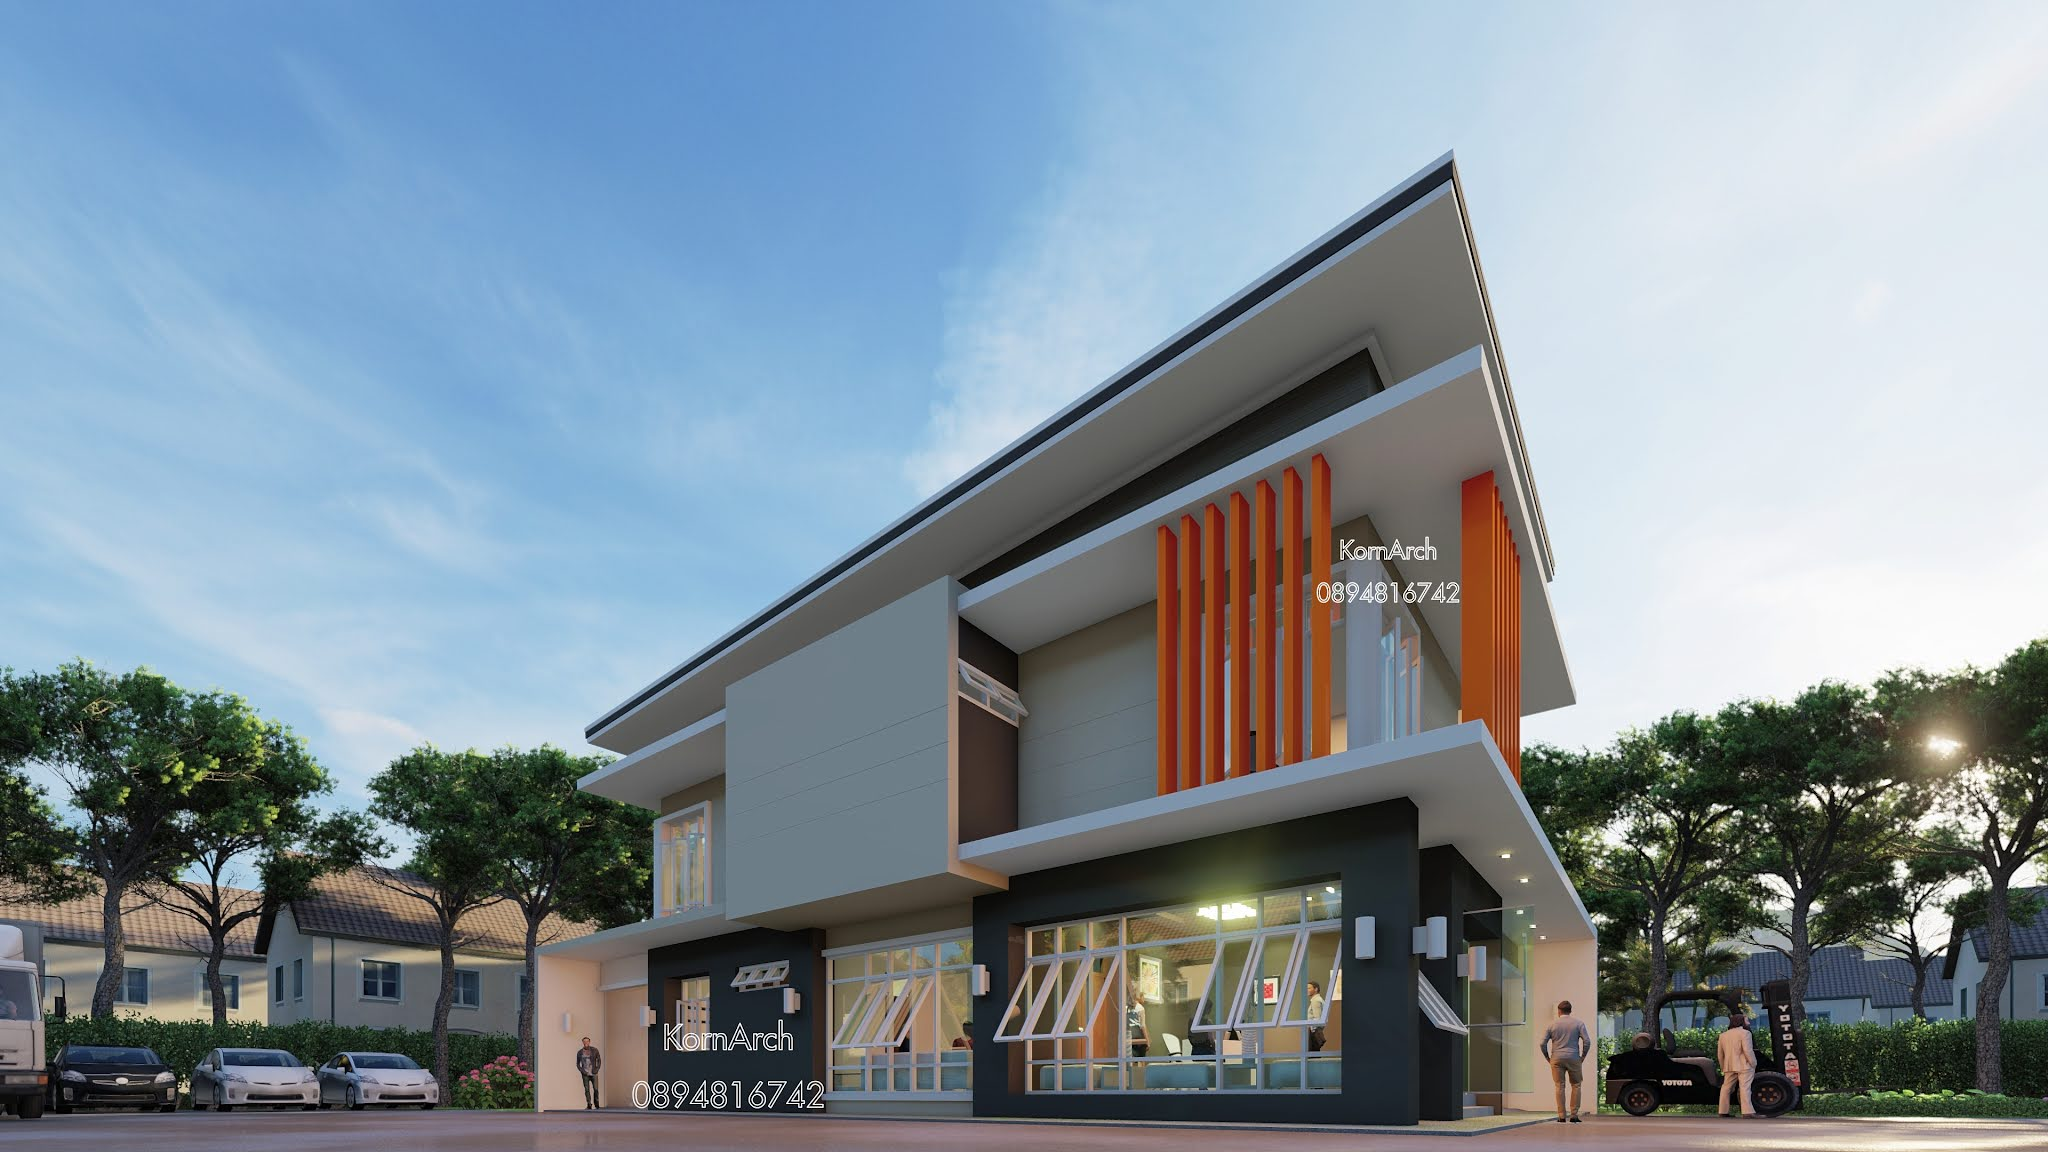 รับออกแบบโฮมออฟฟิศ2ชั้น  เจ้าของอาคาร : หจก.เค.เอส.เอ็ม.เอ็นจิเนีย  สถานที่ก่อสร้าง อ.เมือง จ.นครศรีธรรมราช